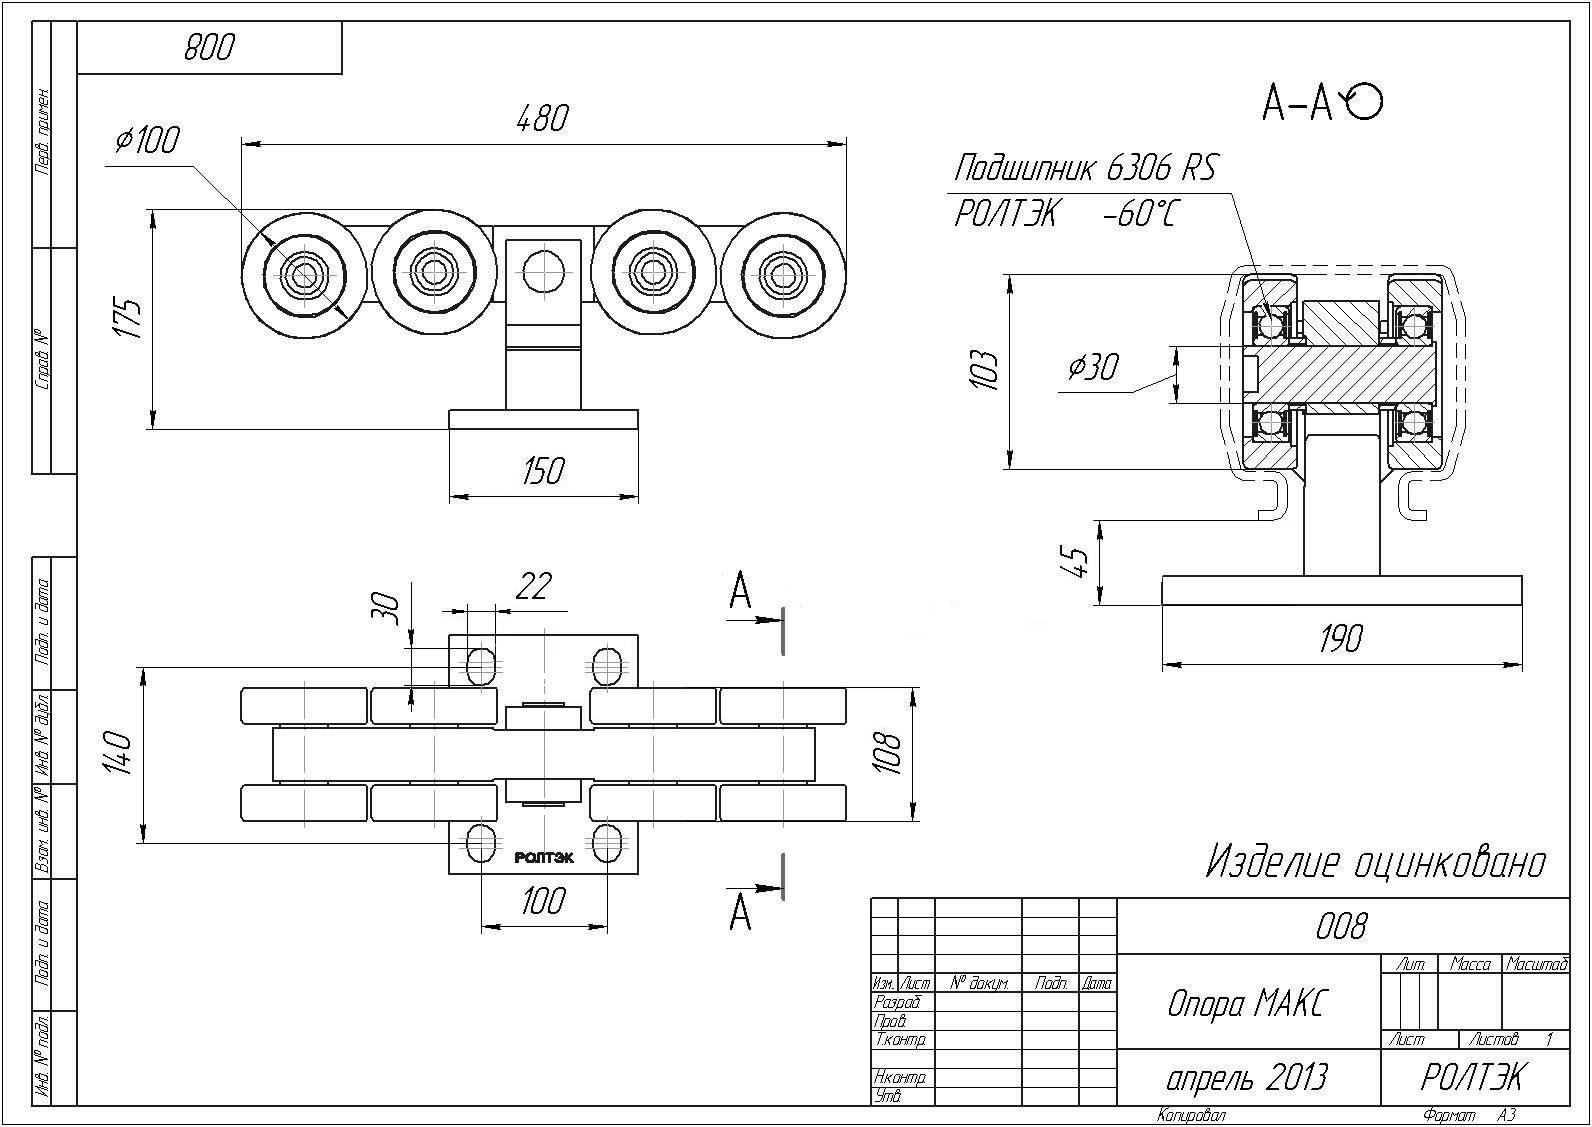 Ролики для откатных ворот - особенности и монтаж: комплект направляющих и опорных элементов для раздвижных секционных конструкций, размеры опор